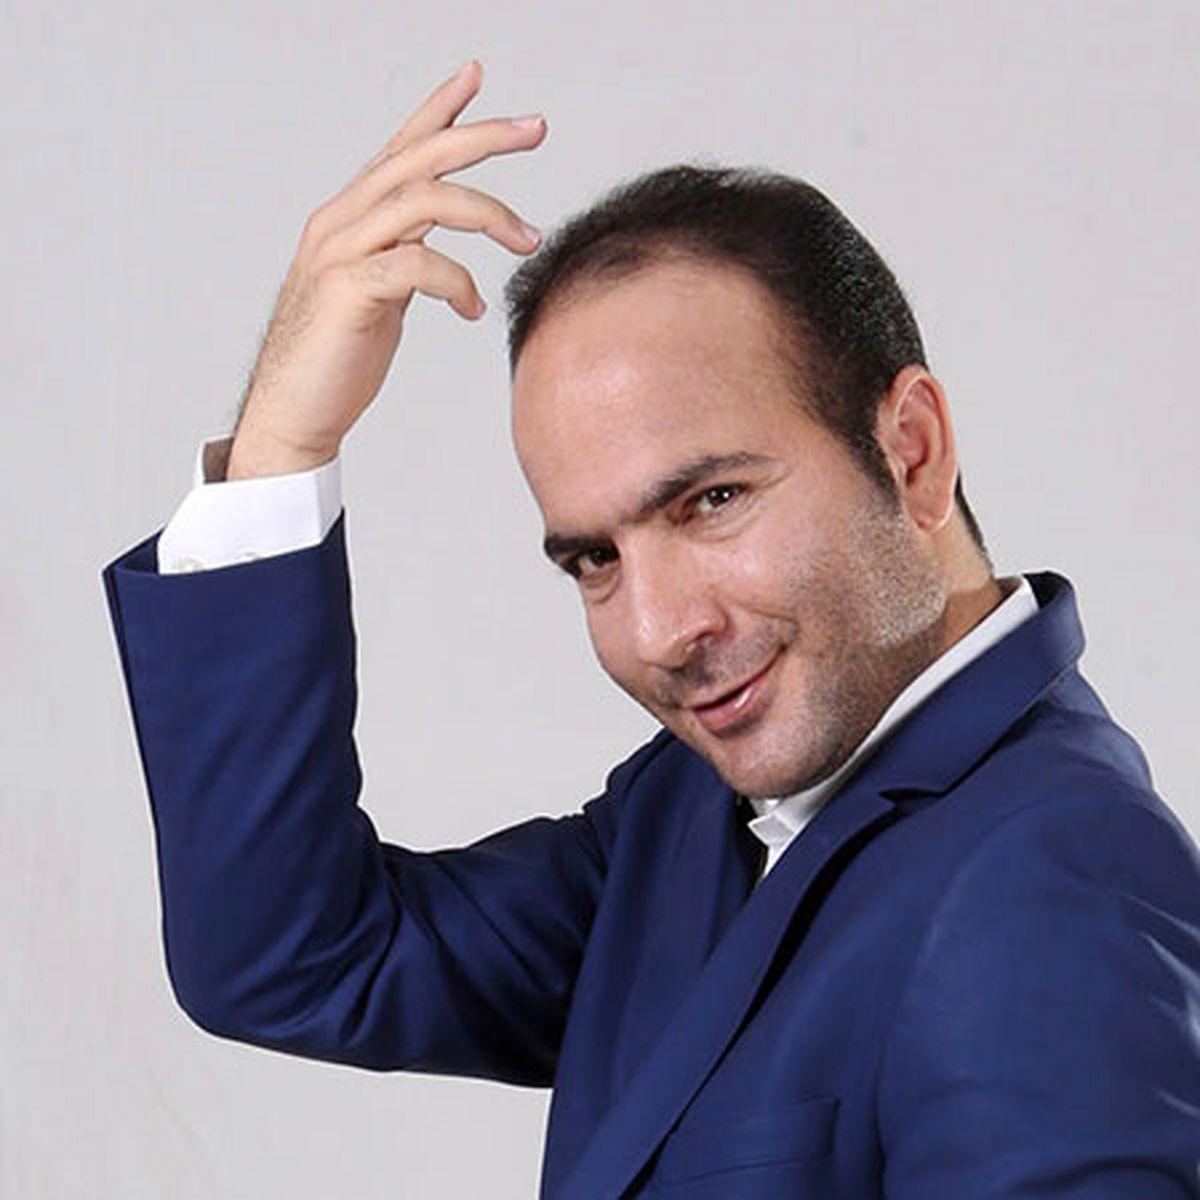 حسن ریوندی کرونا گرفت + سند